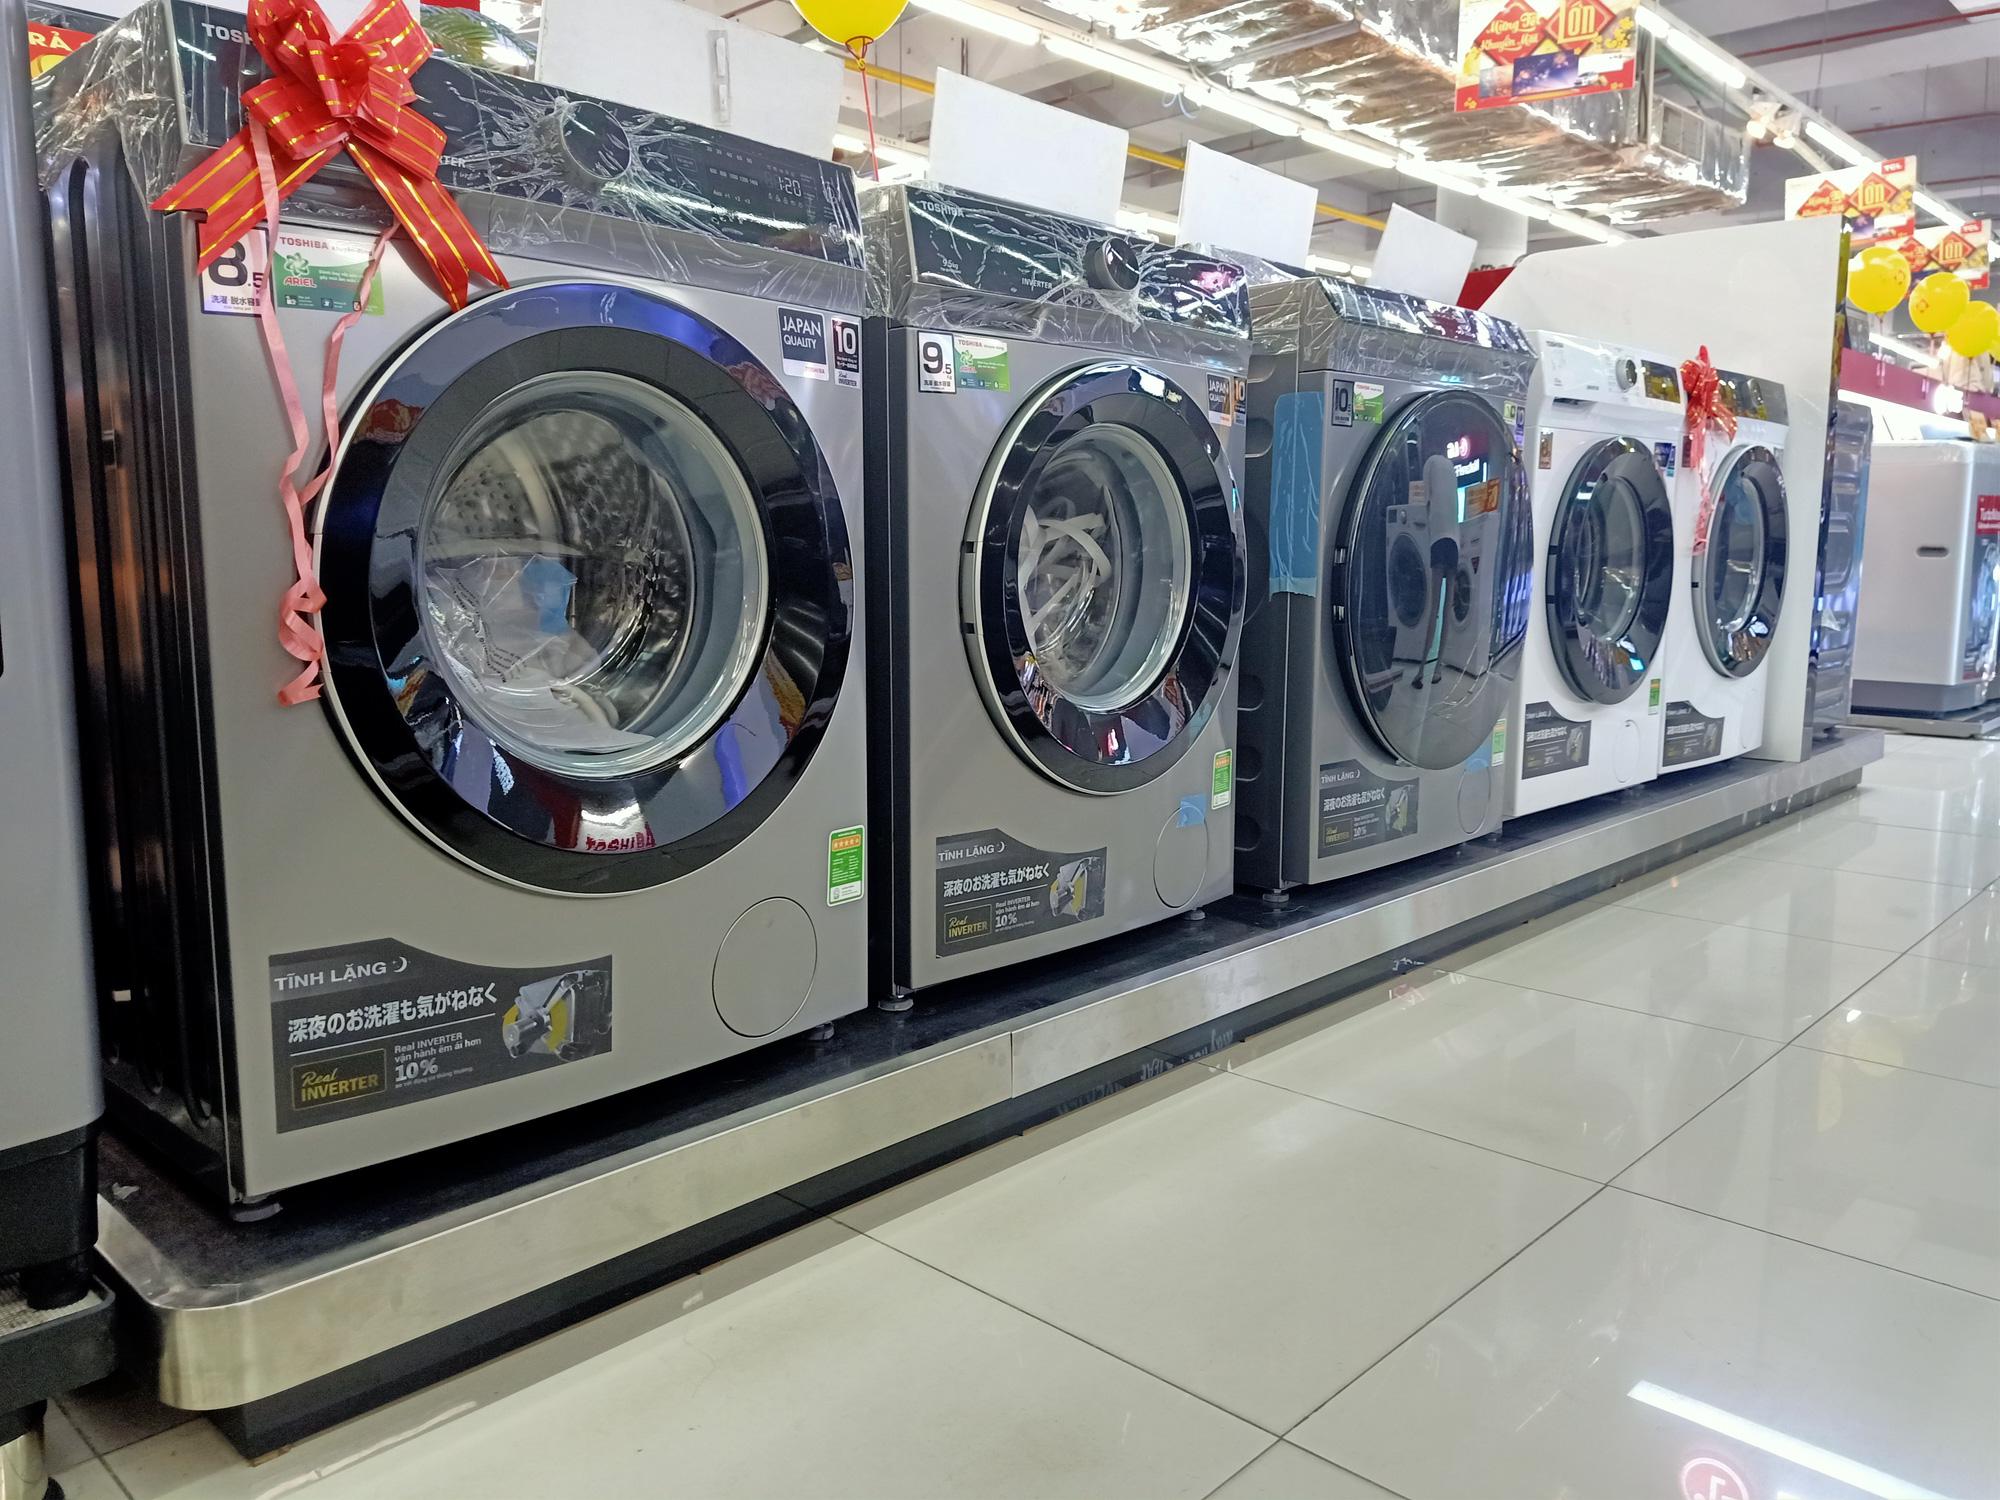 Điện lạnh giảm giá tiếp tục kích cầu cho hình thức mua online - Ảnh 4.